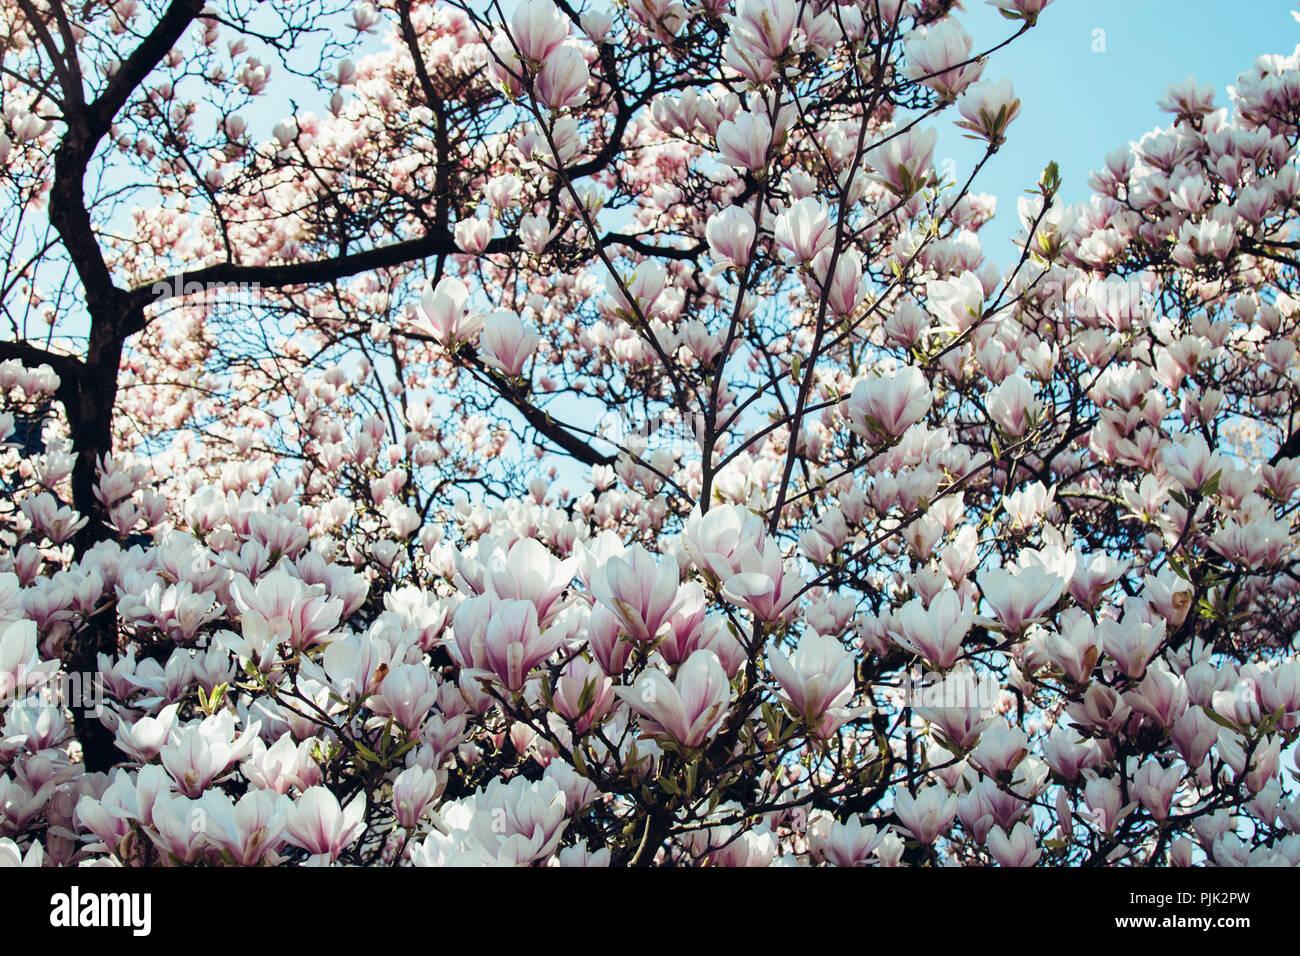 Magnolia Tree In Bloom In Spring Sun Stock Photo 218007521 Alamy